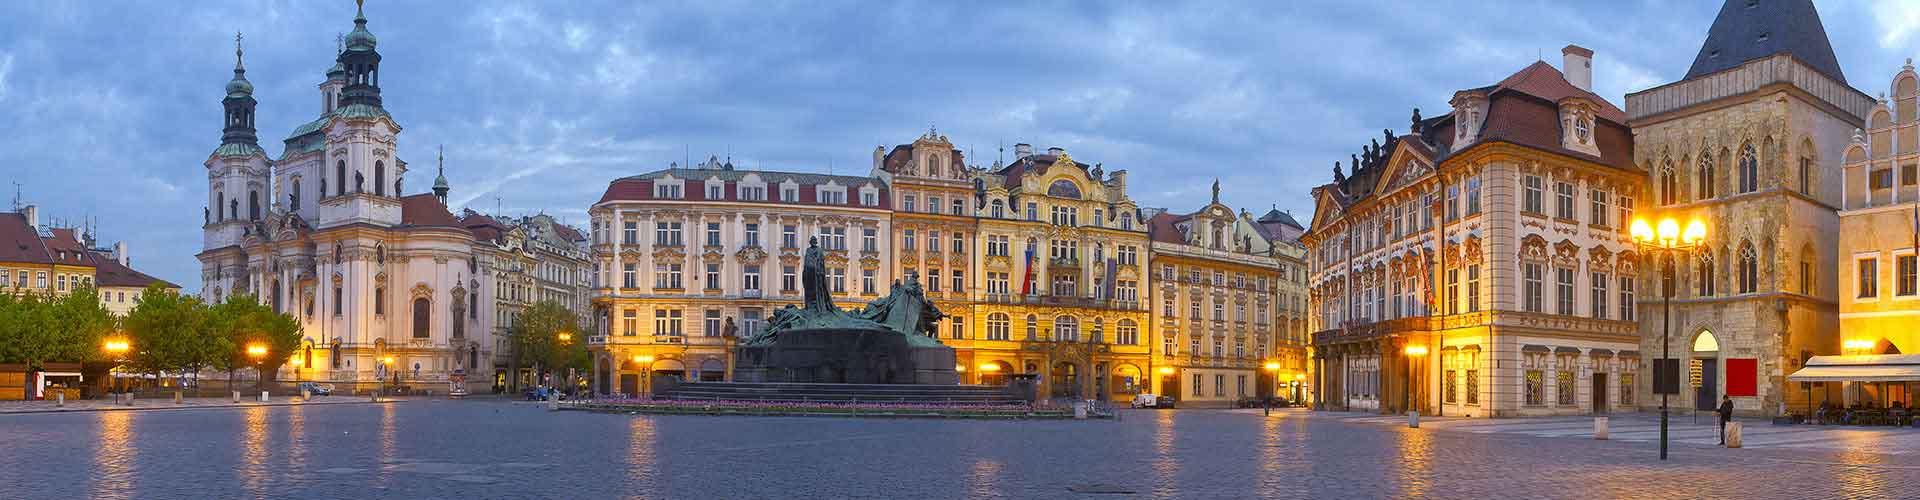 Prag - Hostels nahe City Center. Karten für Prag. Fotos und Bewertungen für jedes Hostel in Prag.